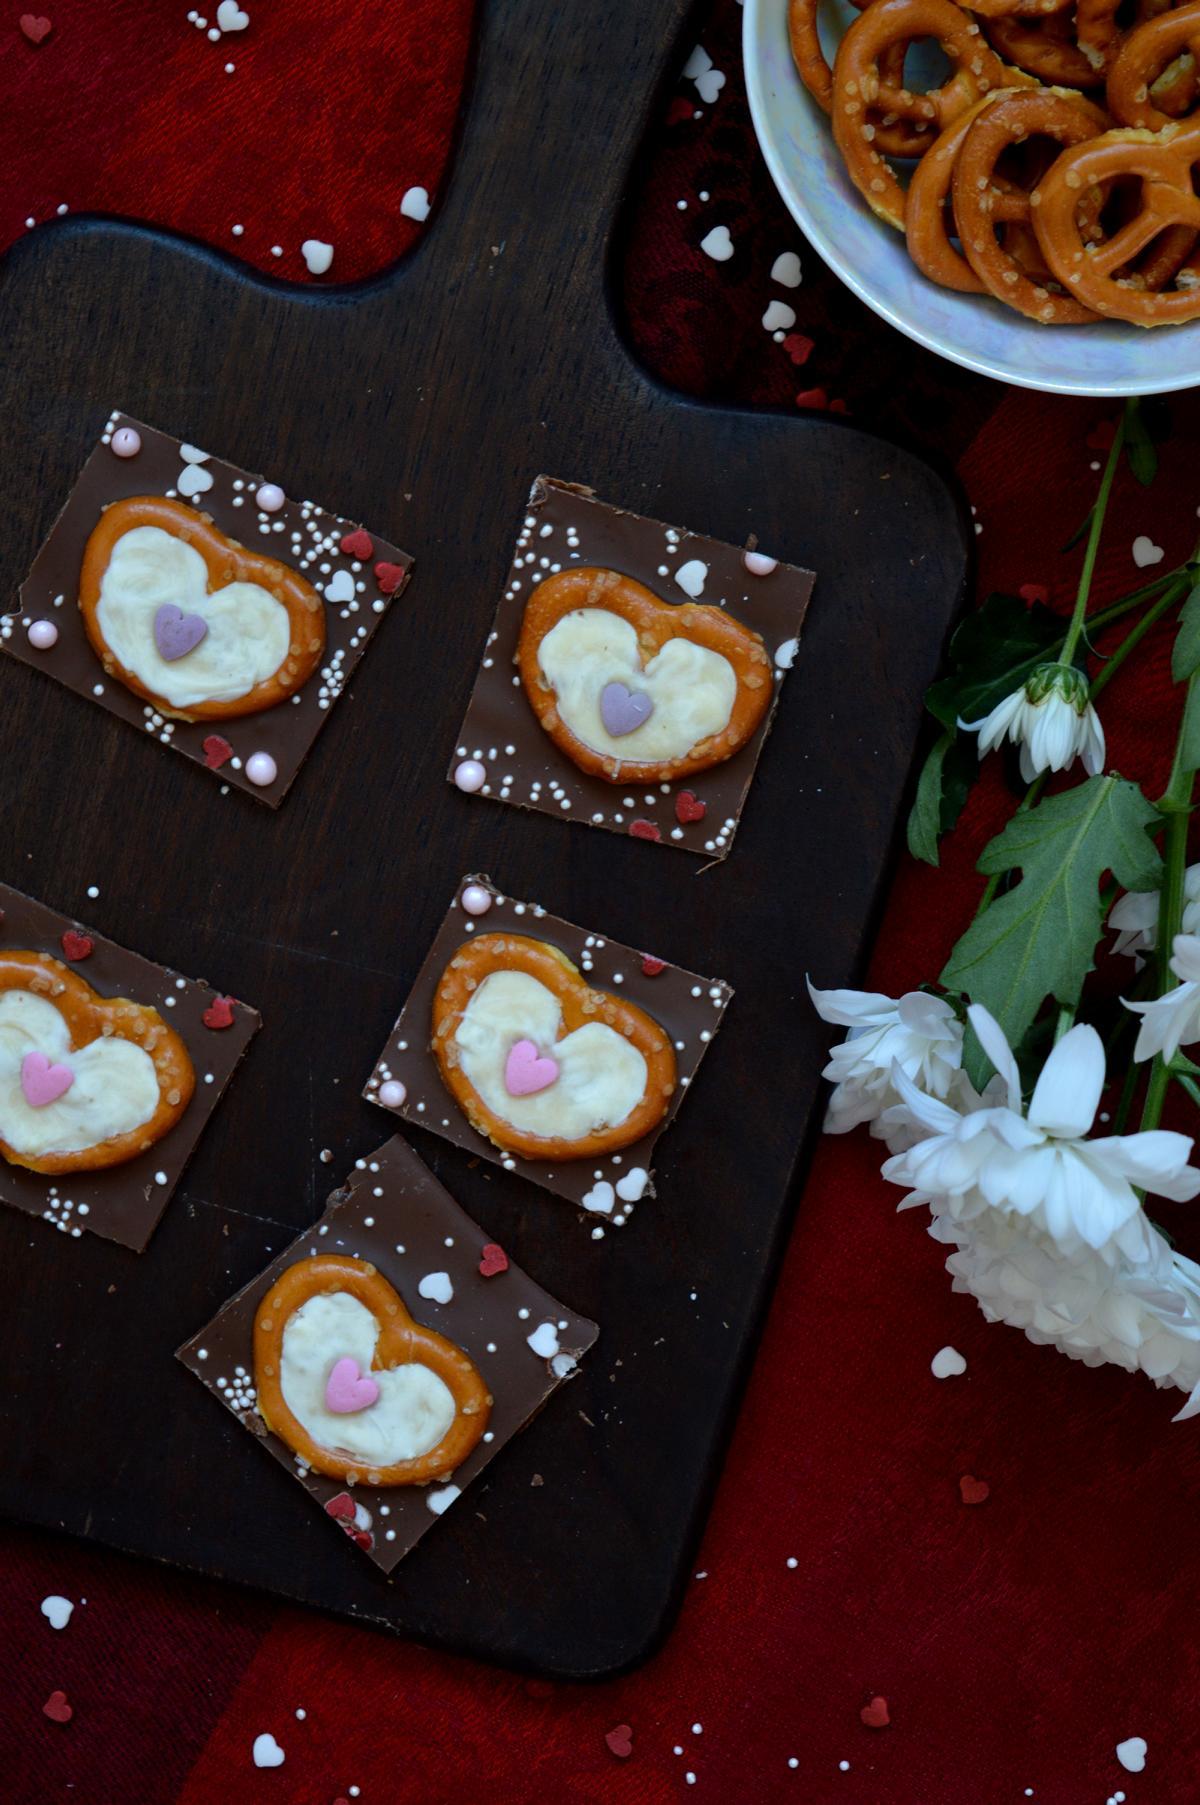 Schokolade mit Salz Brezeln und Herzen